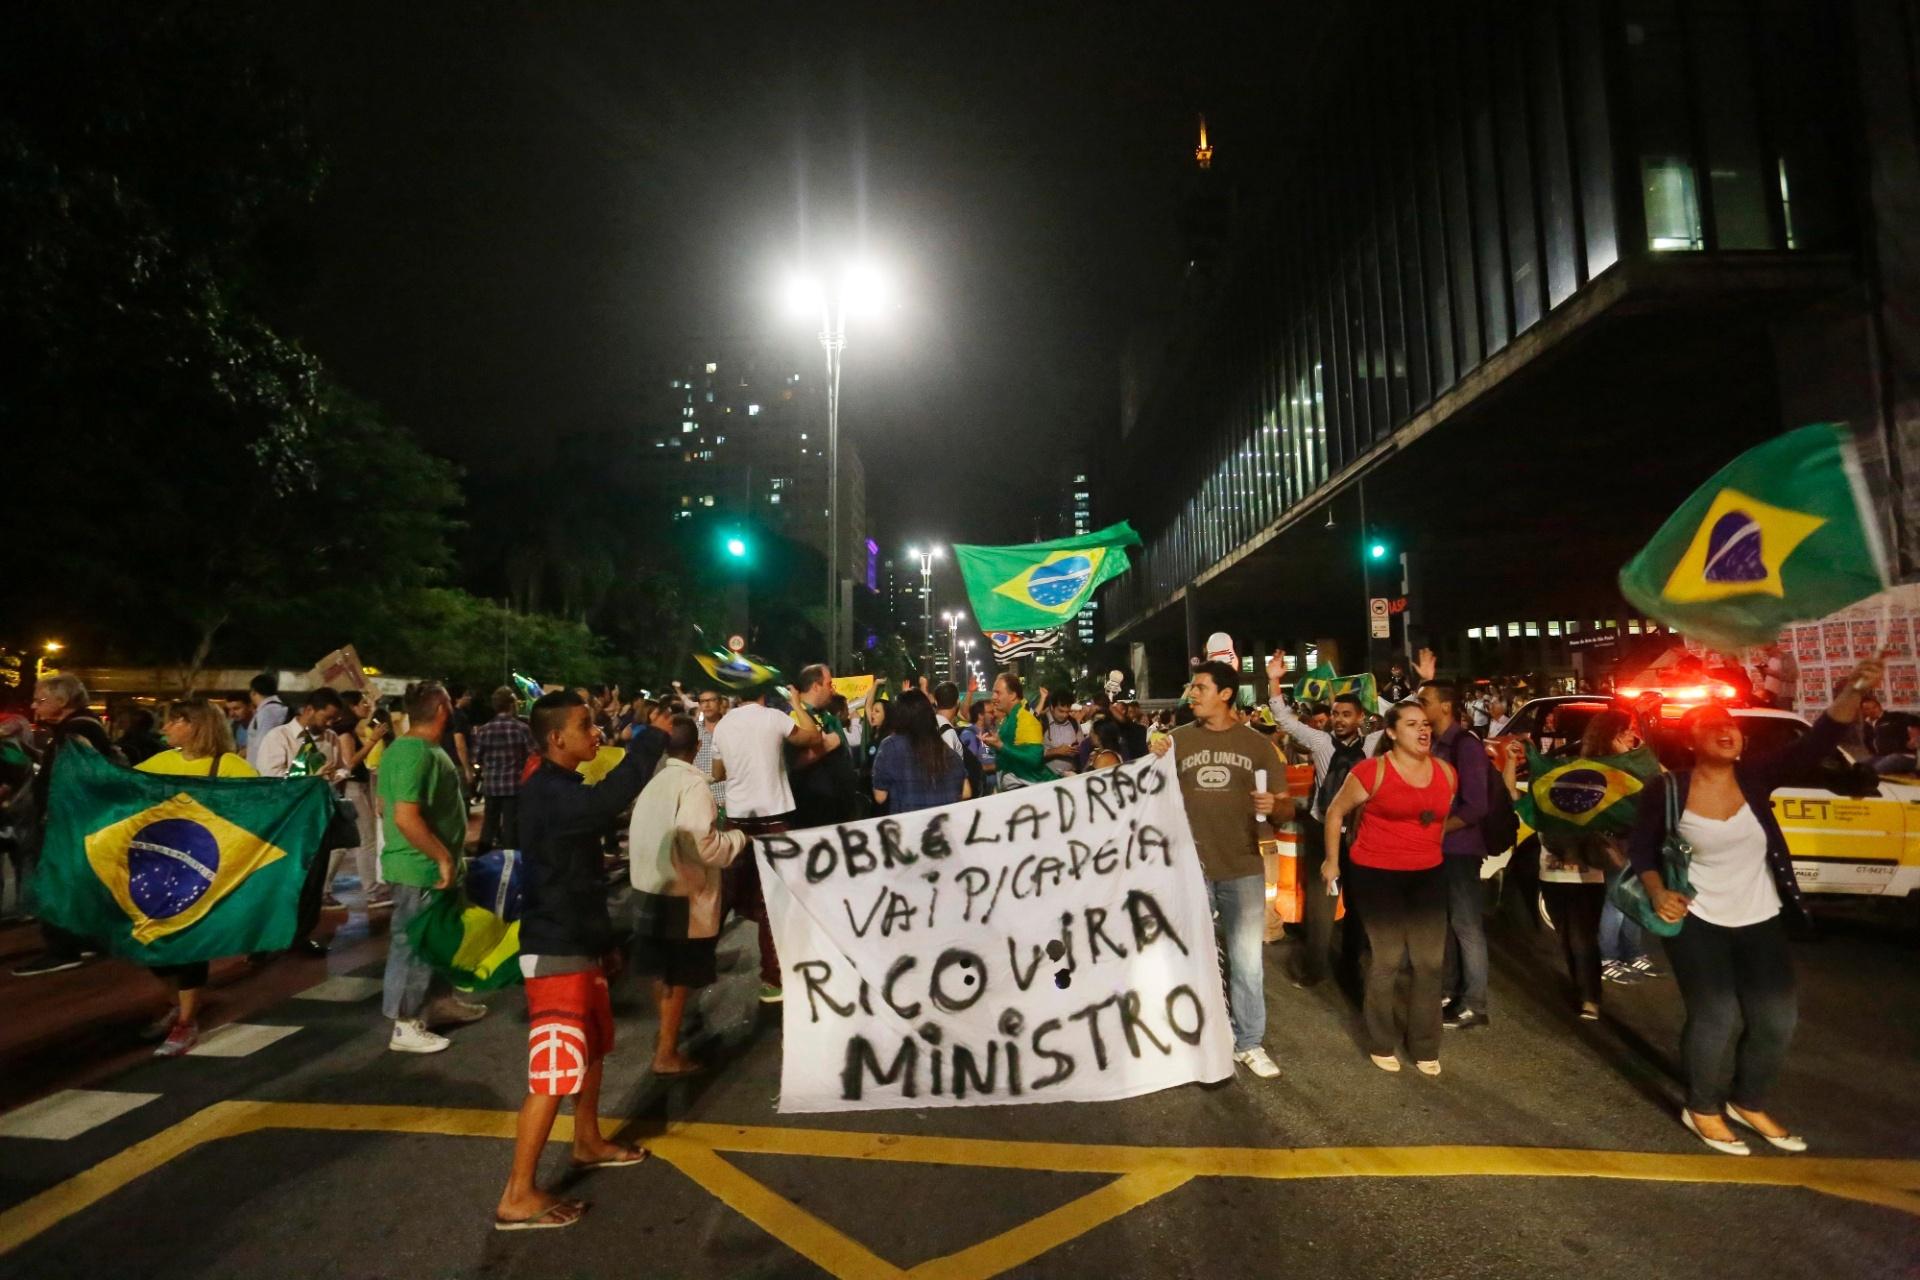 16.mar.2016 - Na avenida Paulista, manifestantes criticam a nomeação de Luiz Inácio Lula da Silva (PT) a ministro da Casa Civil em meio à investigação da Operação Lava Jato